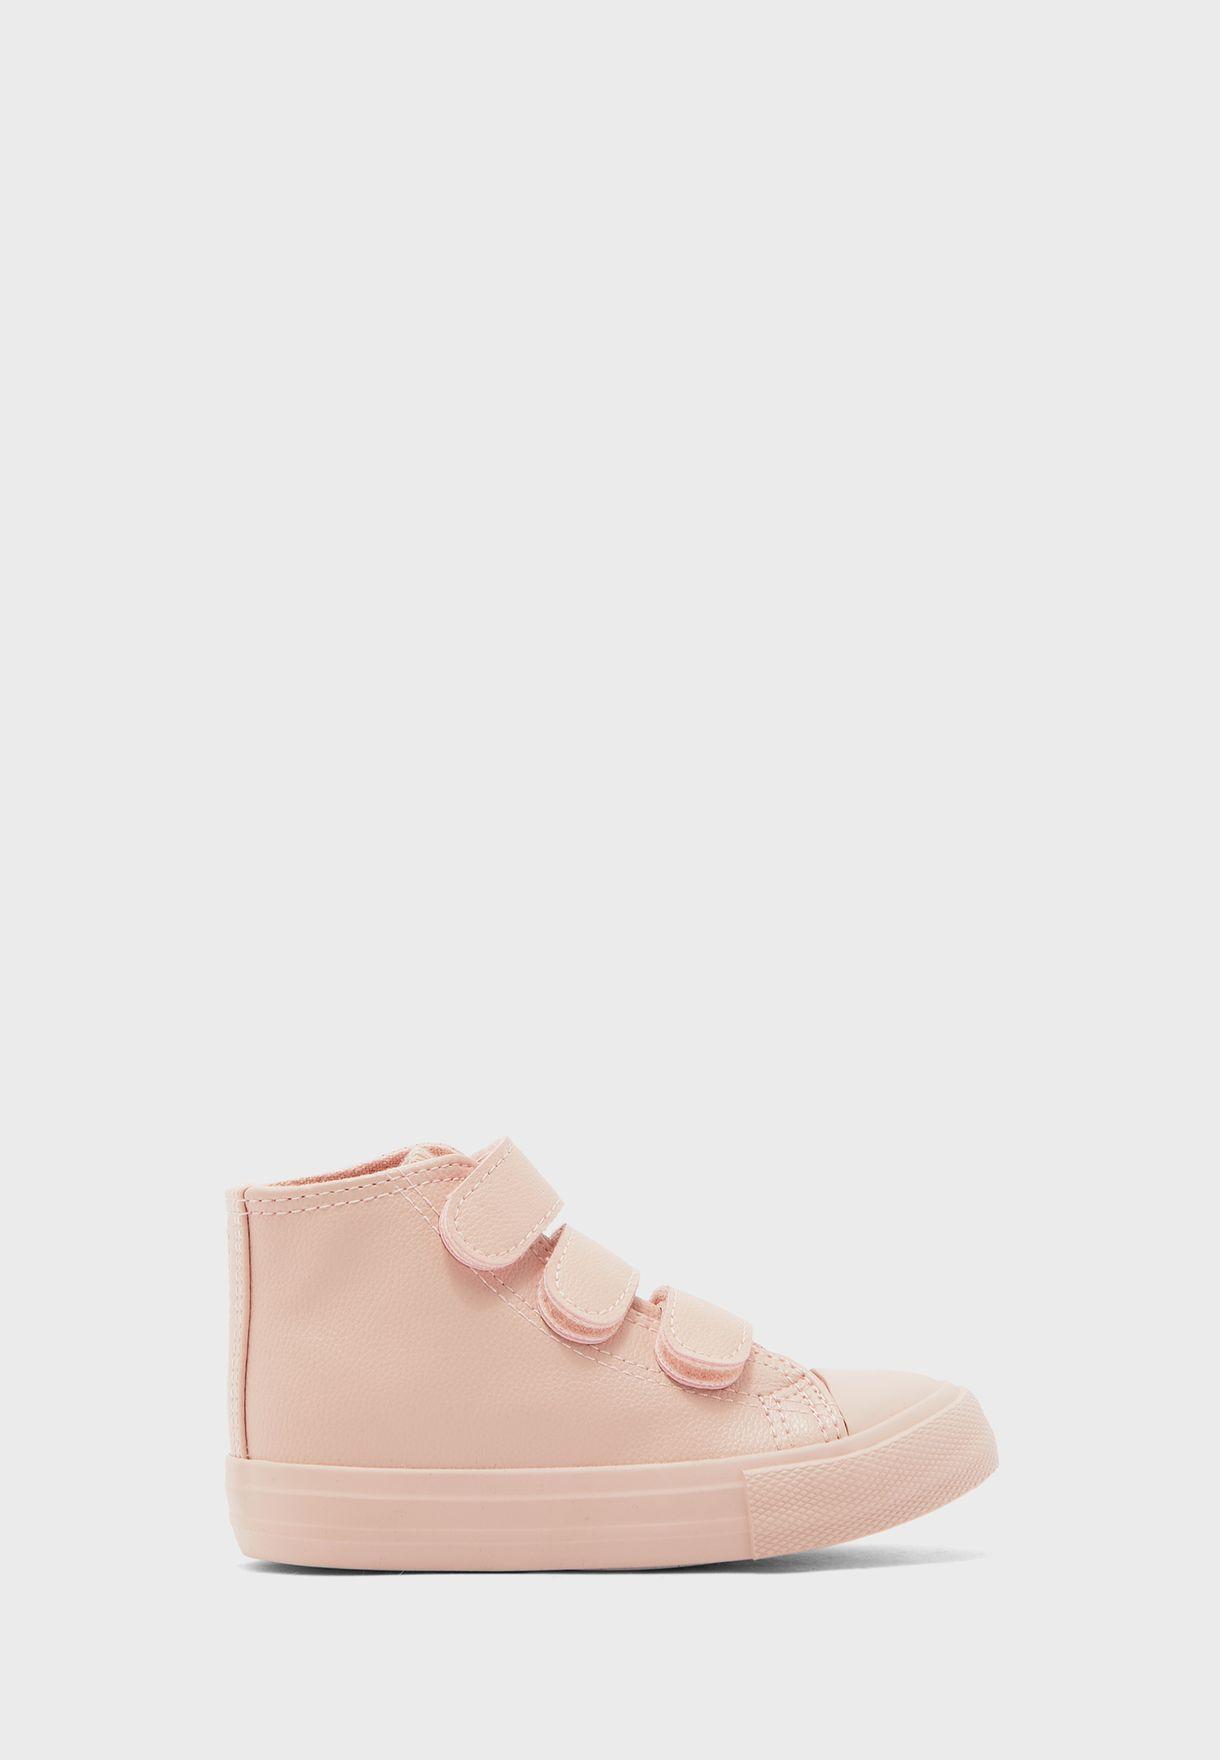 حذاء بكاحل متوسط الارتفاع